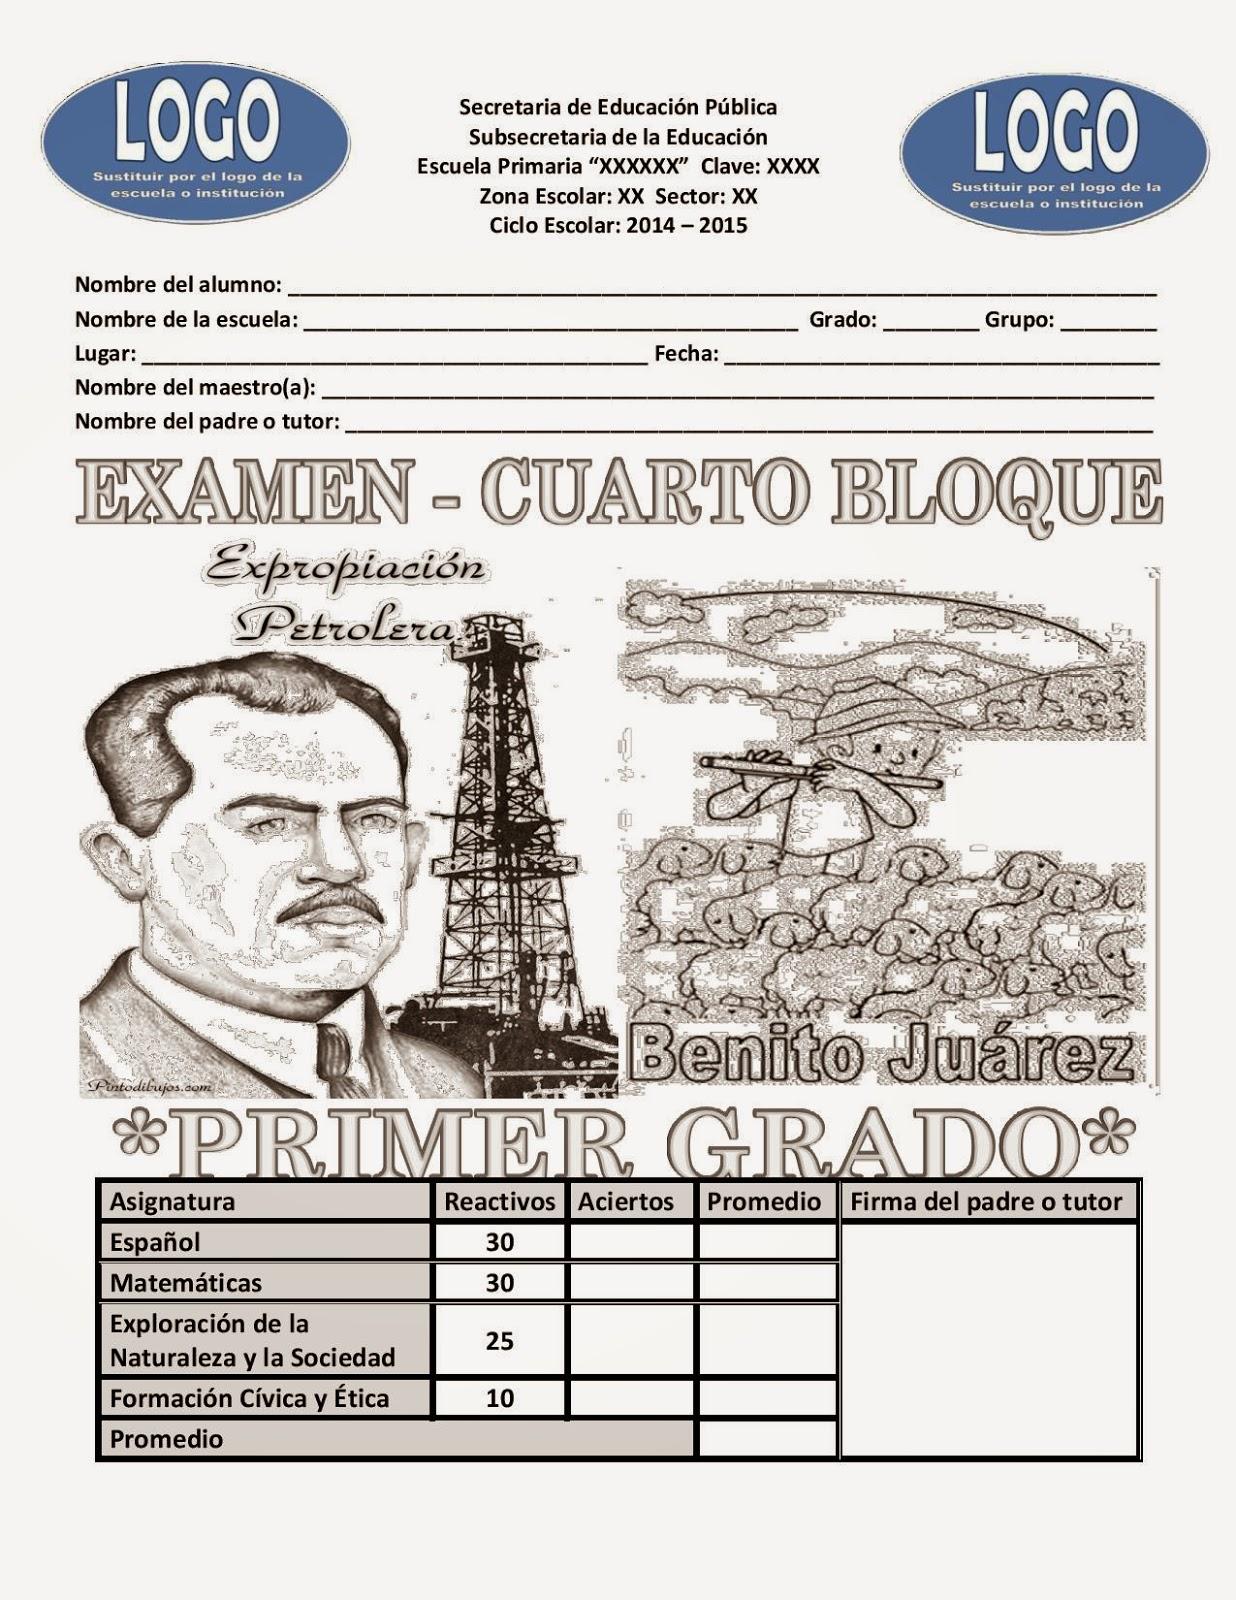 Examen 1er grado Bloque 4 2014-2015 pag 1